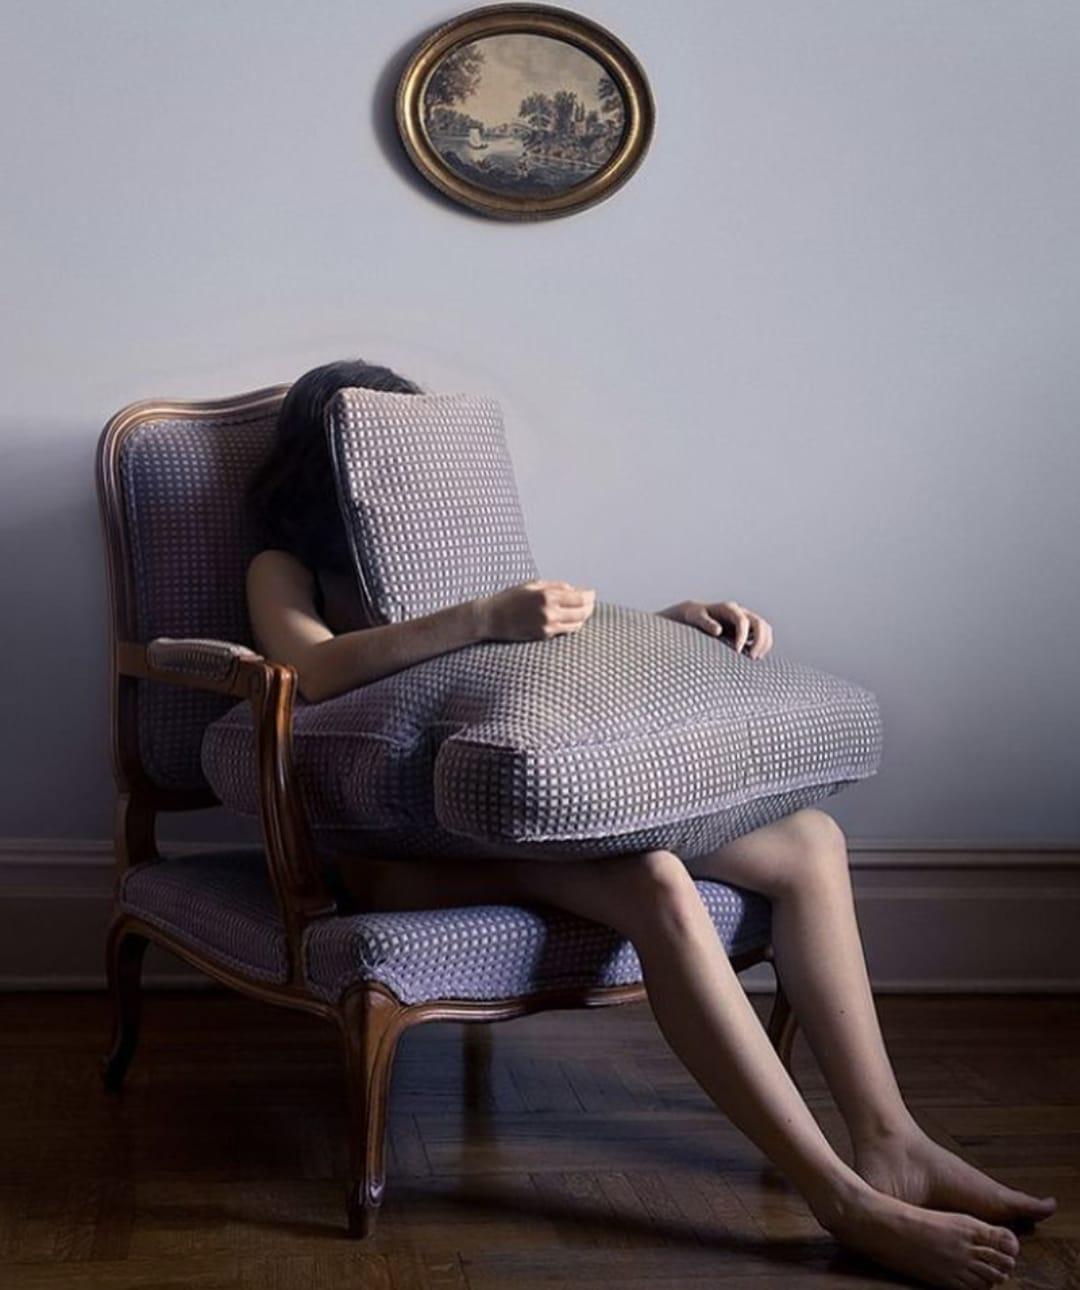 L'esame di maturità è tra i nostri incubi più frequenti: eccone l'interpretazione di Freud